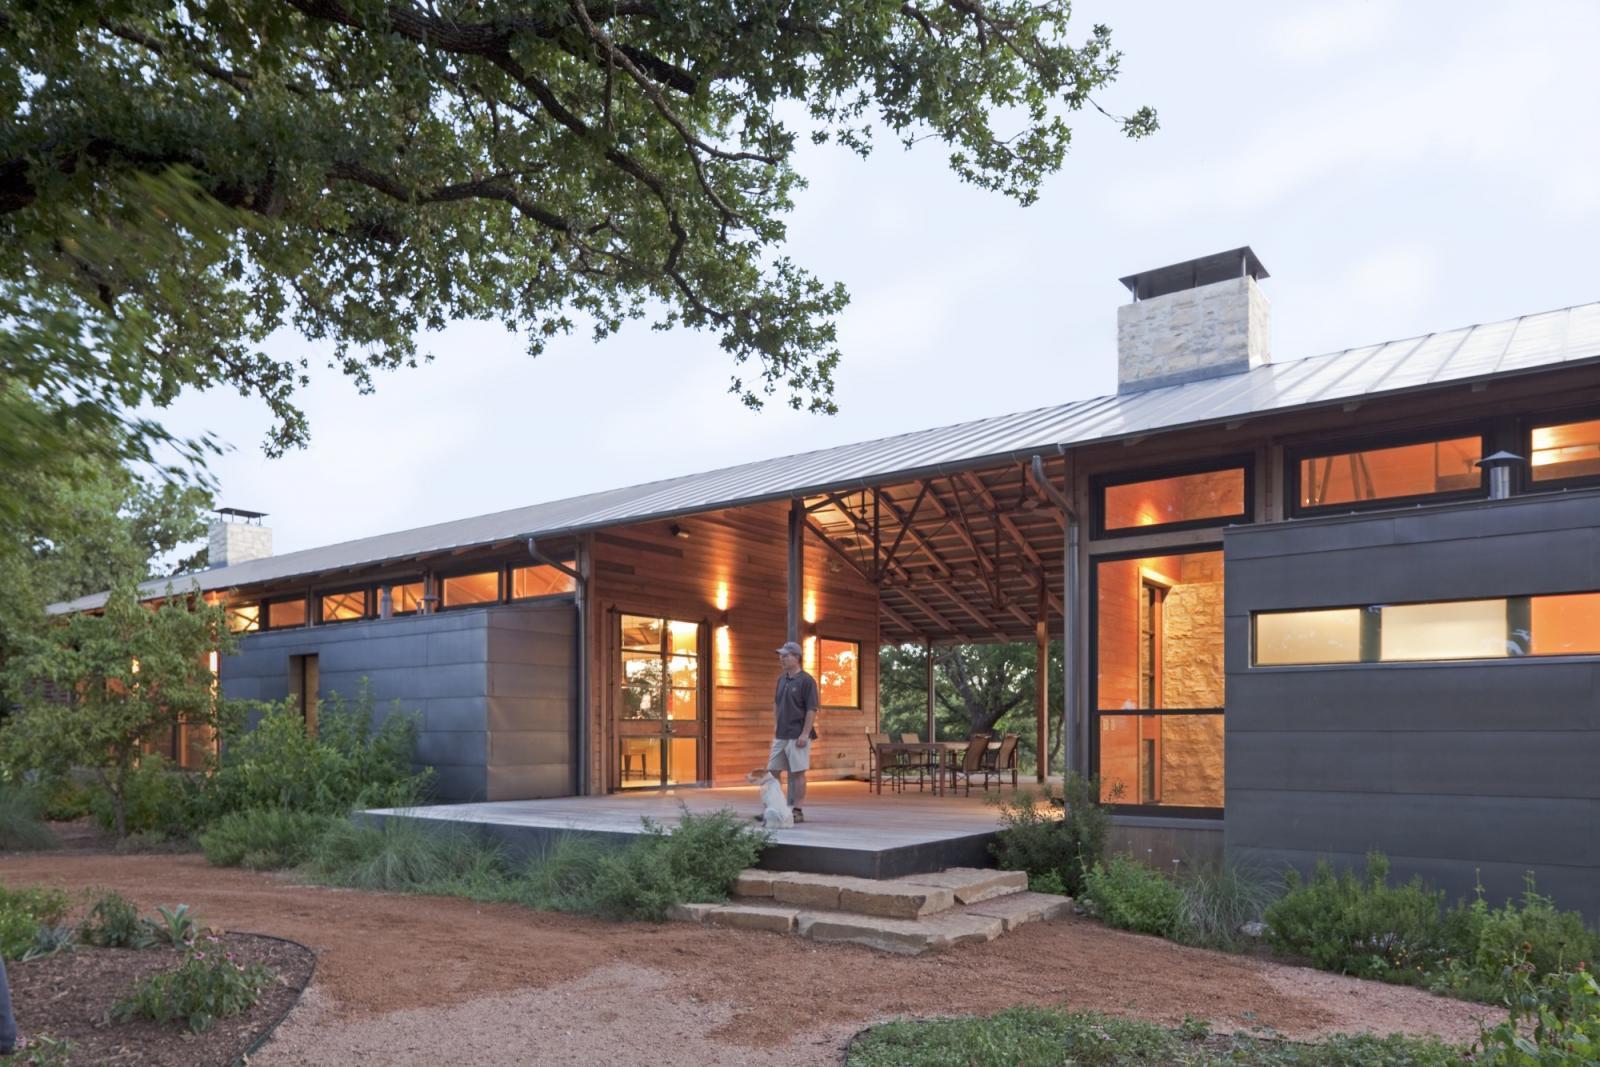 Fullsize Of Lake Flato Architects